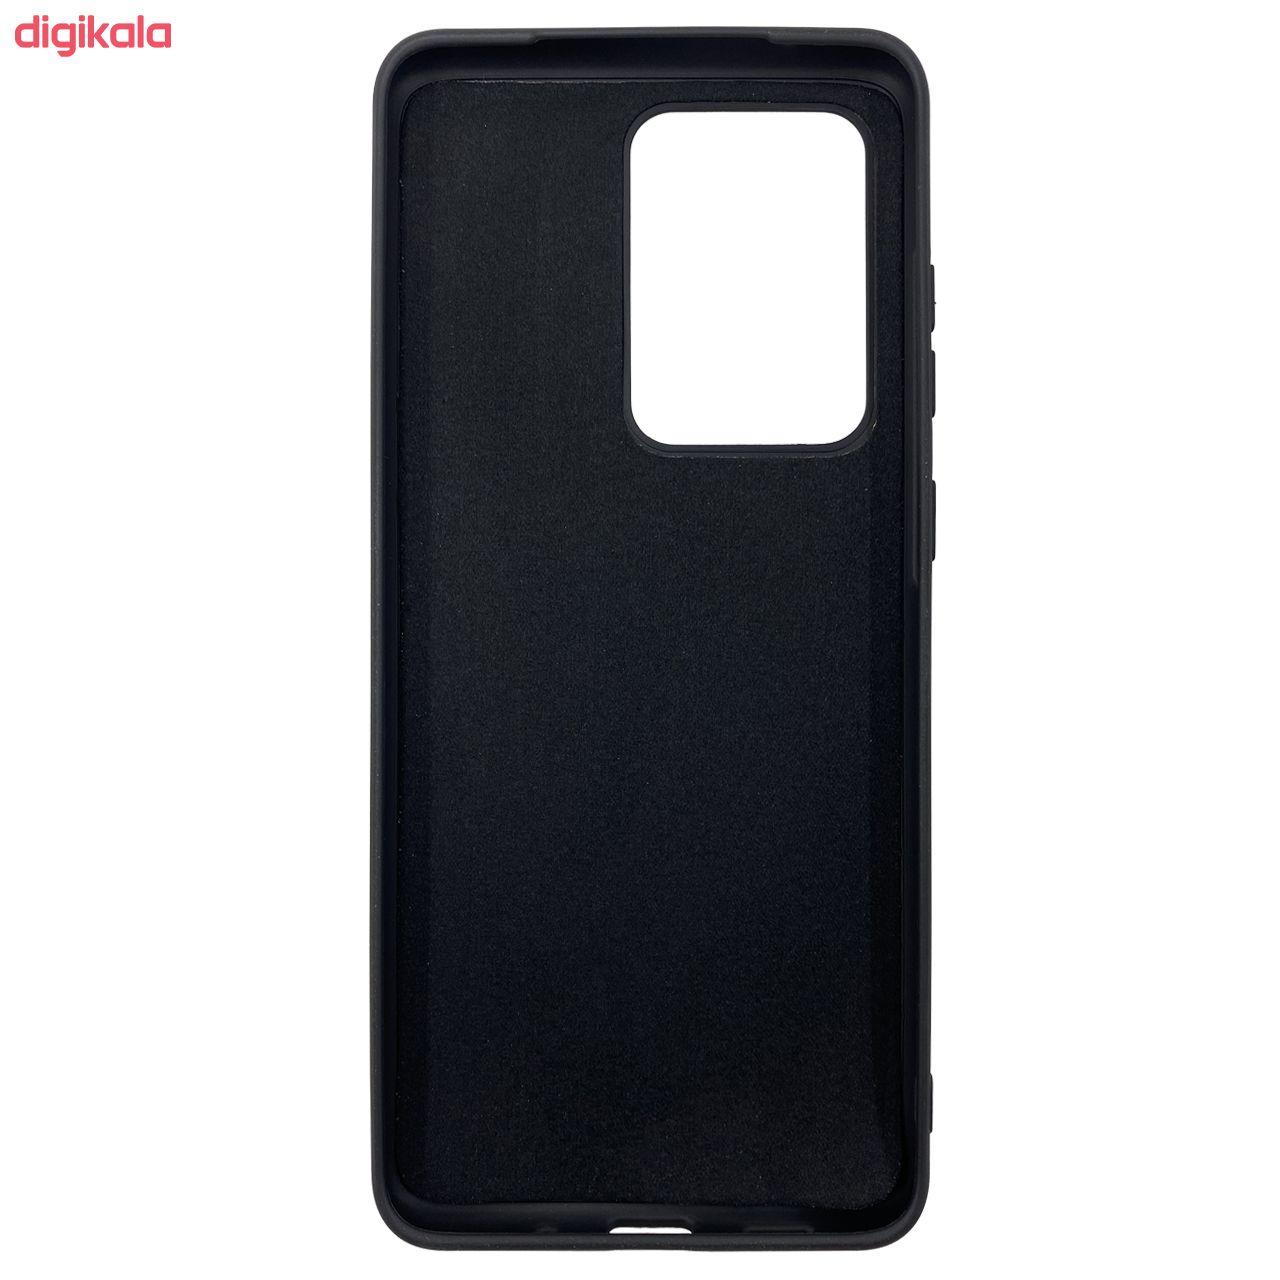 کاور مدل SCN مناسب برای گوشی موبایل سامسونگ Galaxy S20 PLUS main 1 4